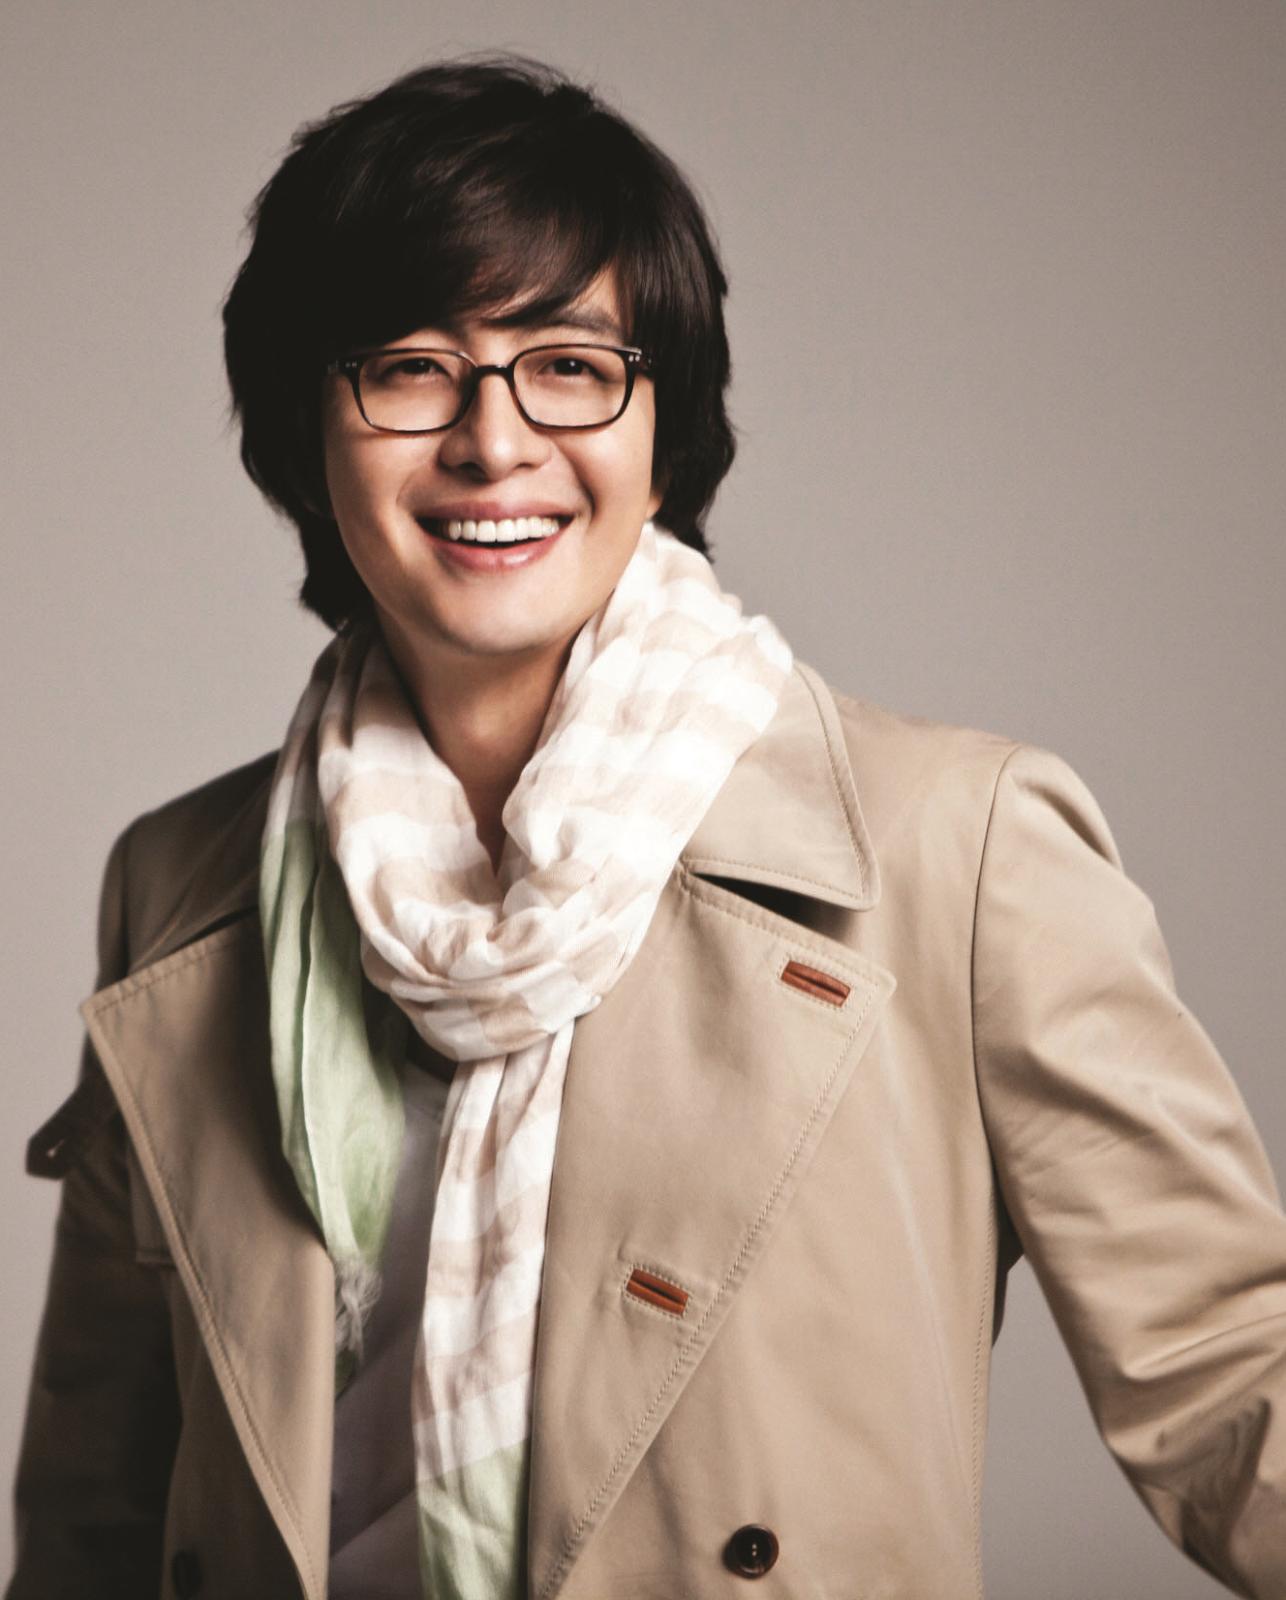 ผลการค้นหารูปภาพสำหรับ bae yong joon